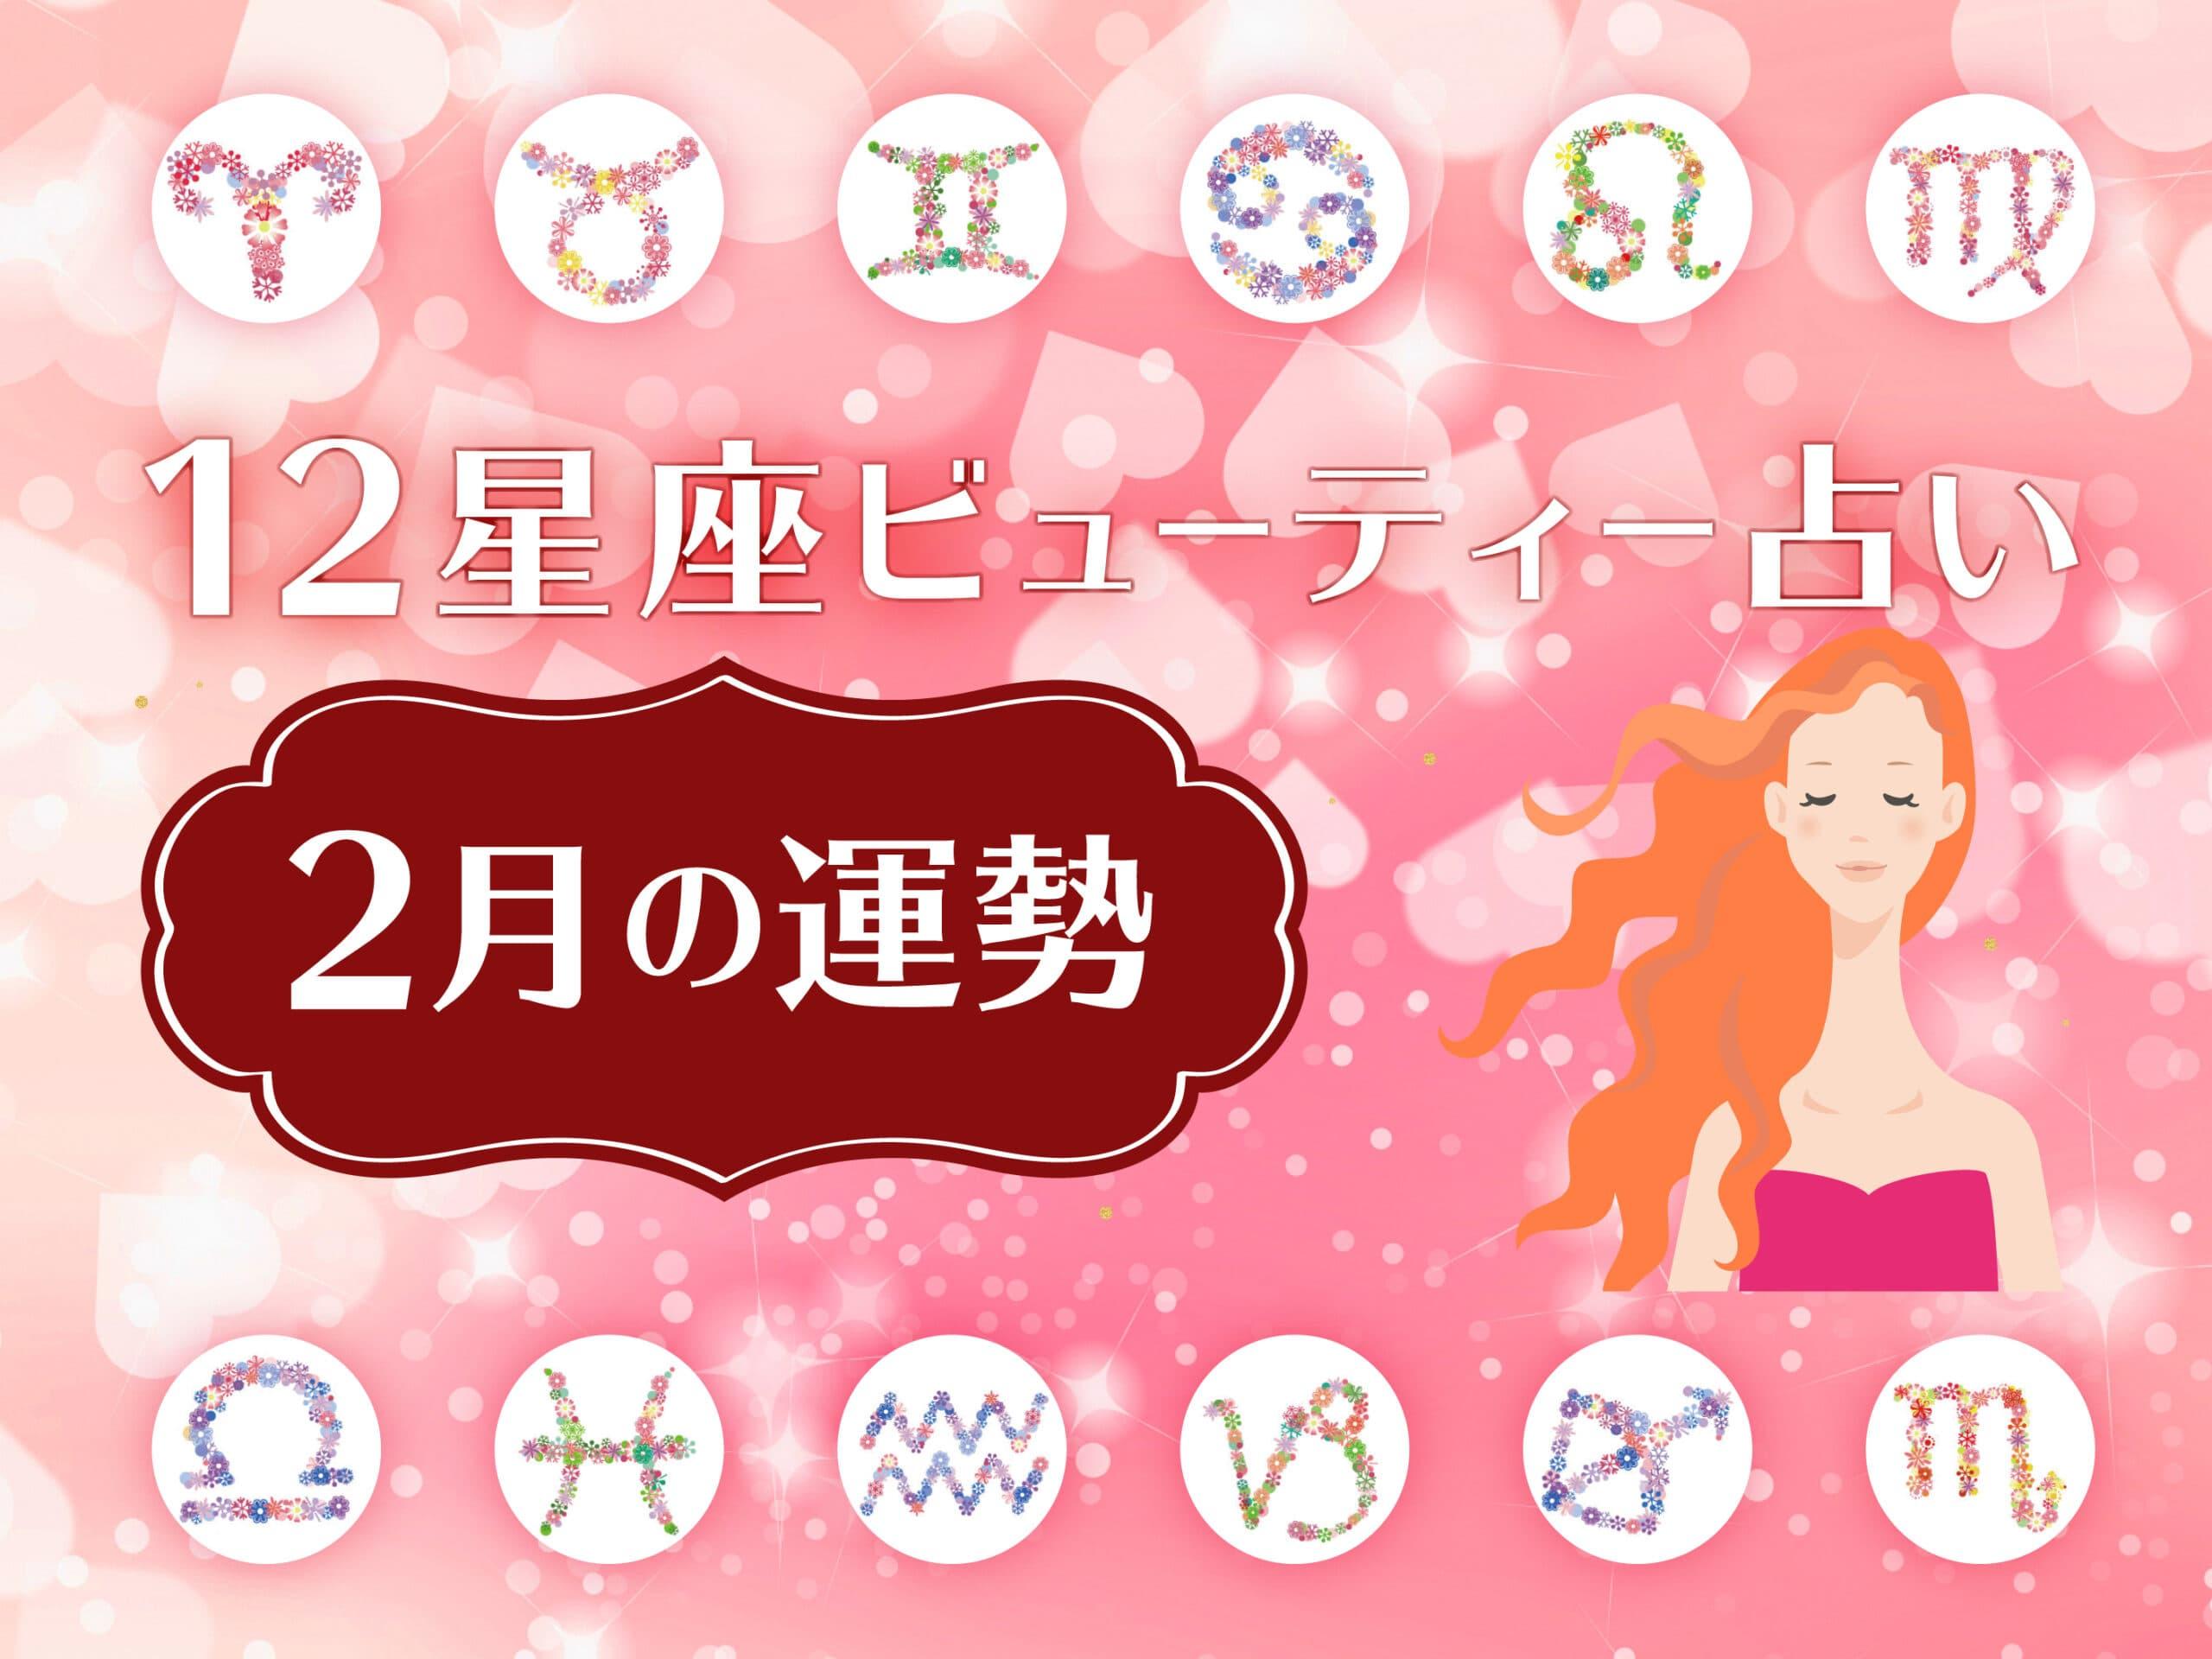 2月の運勢★ビューティー占い★西洋占星術